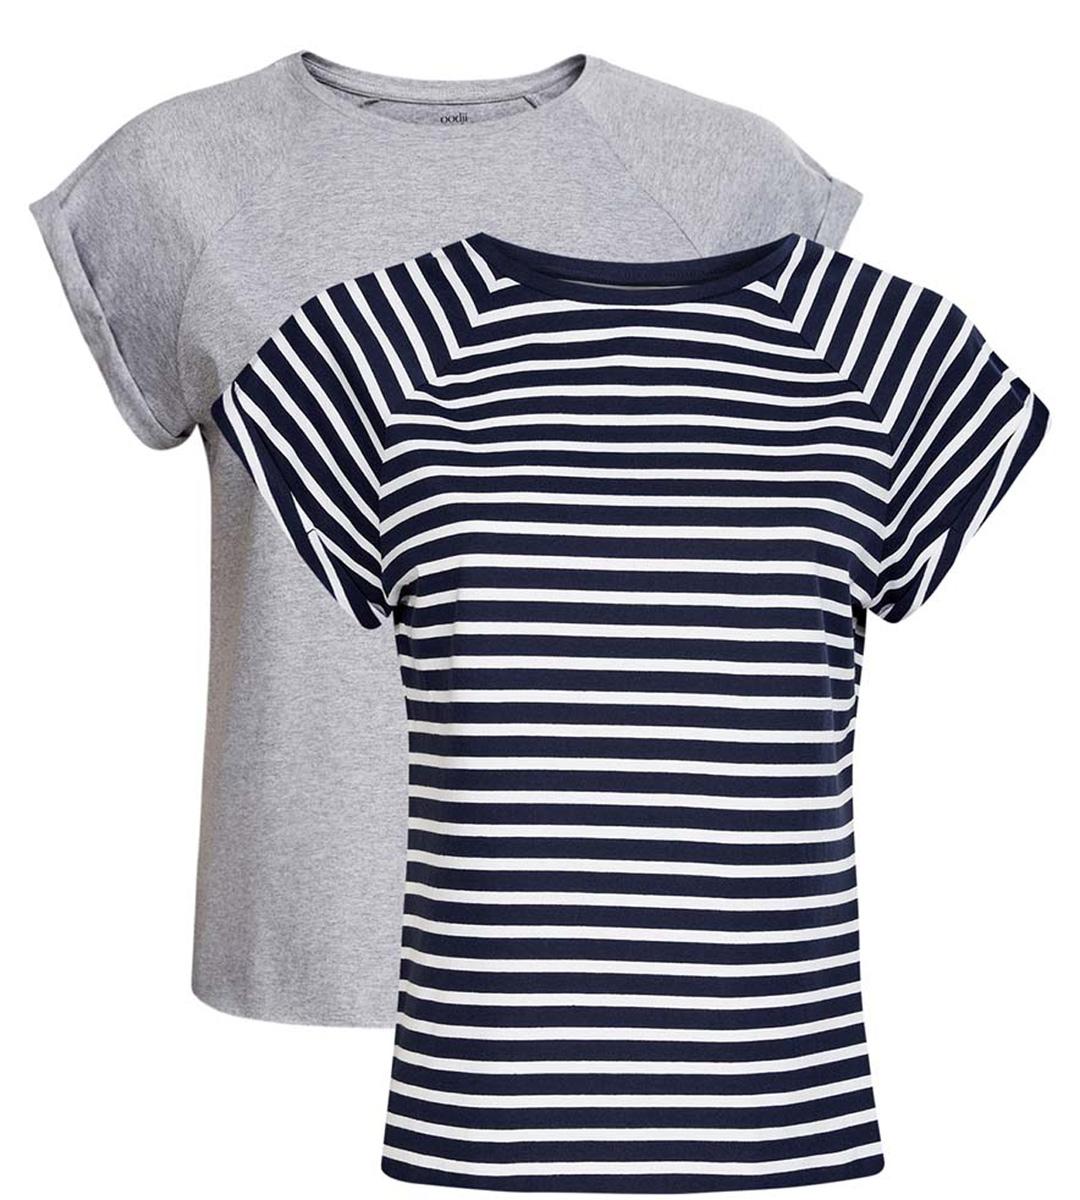 Футболка женская oodji Ultra, цвет: темно-синий, белый, серый меланж, 2 шт. 14707001T2/46154/1903S. Размер XS (42) футболка женская oodji ultra цвет темно синий 3 шт 14701008t3 46154 7900n размер xs 42